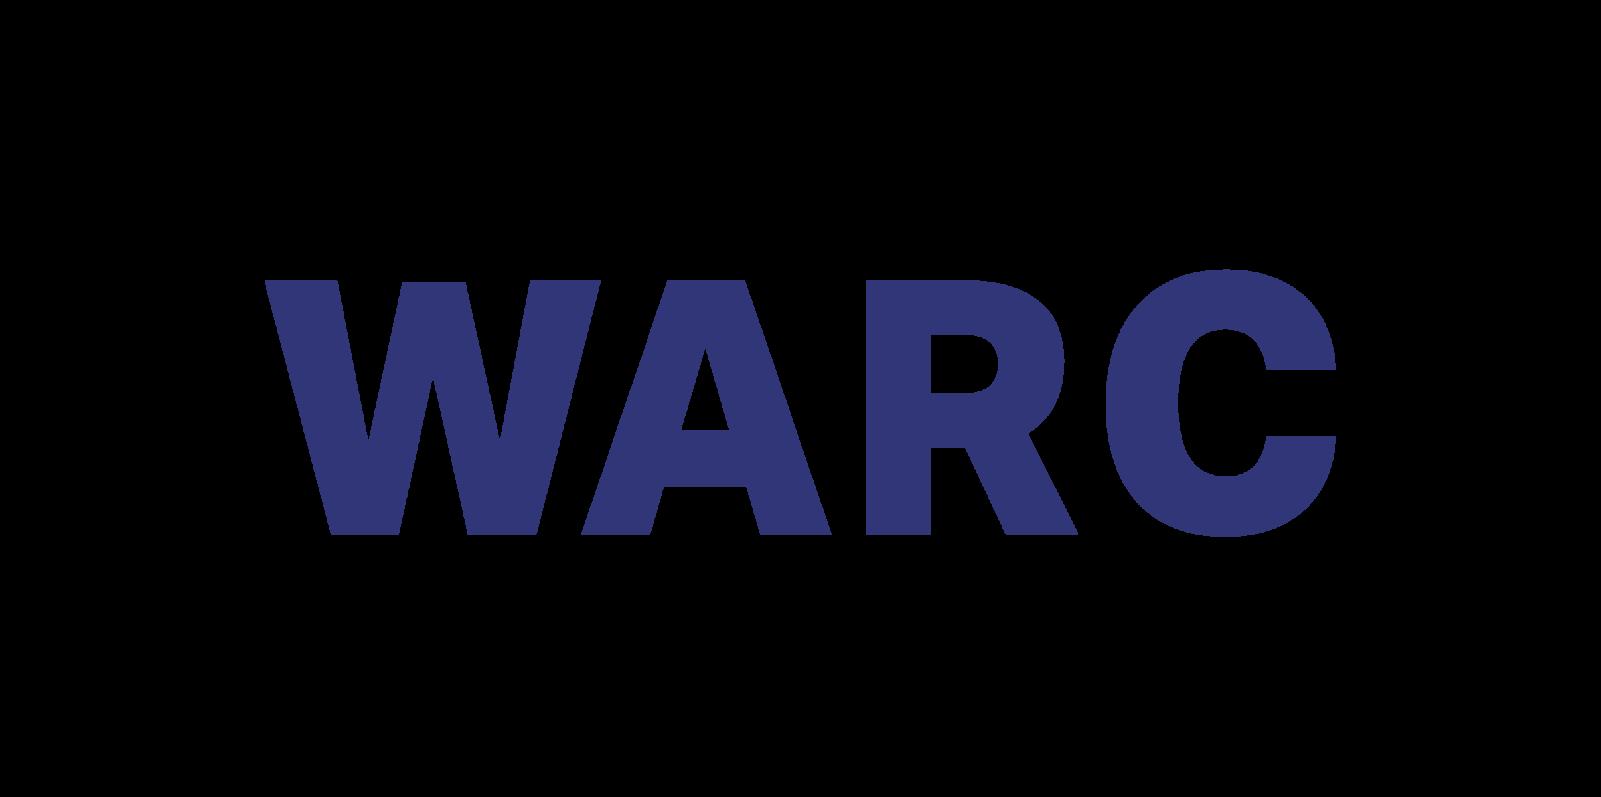 WARC Logo in blue